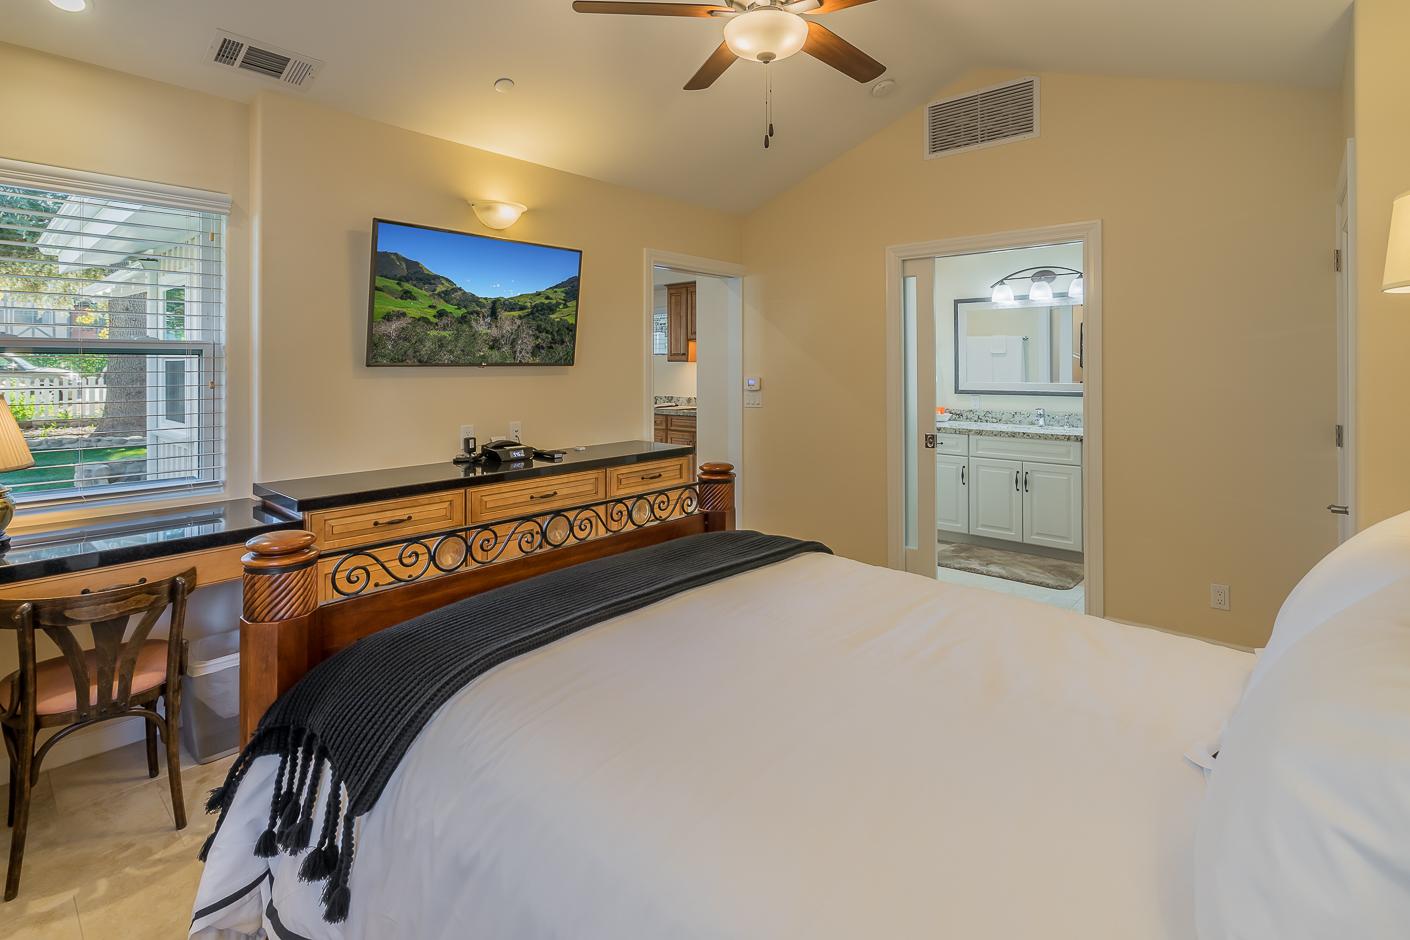 Bedroom with California Queen Bed